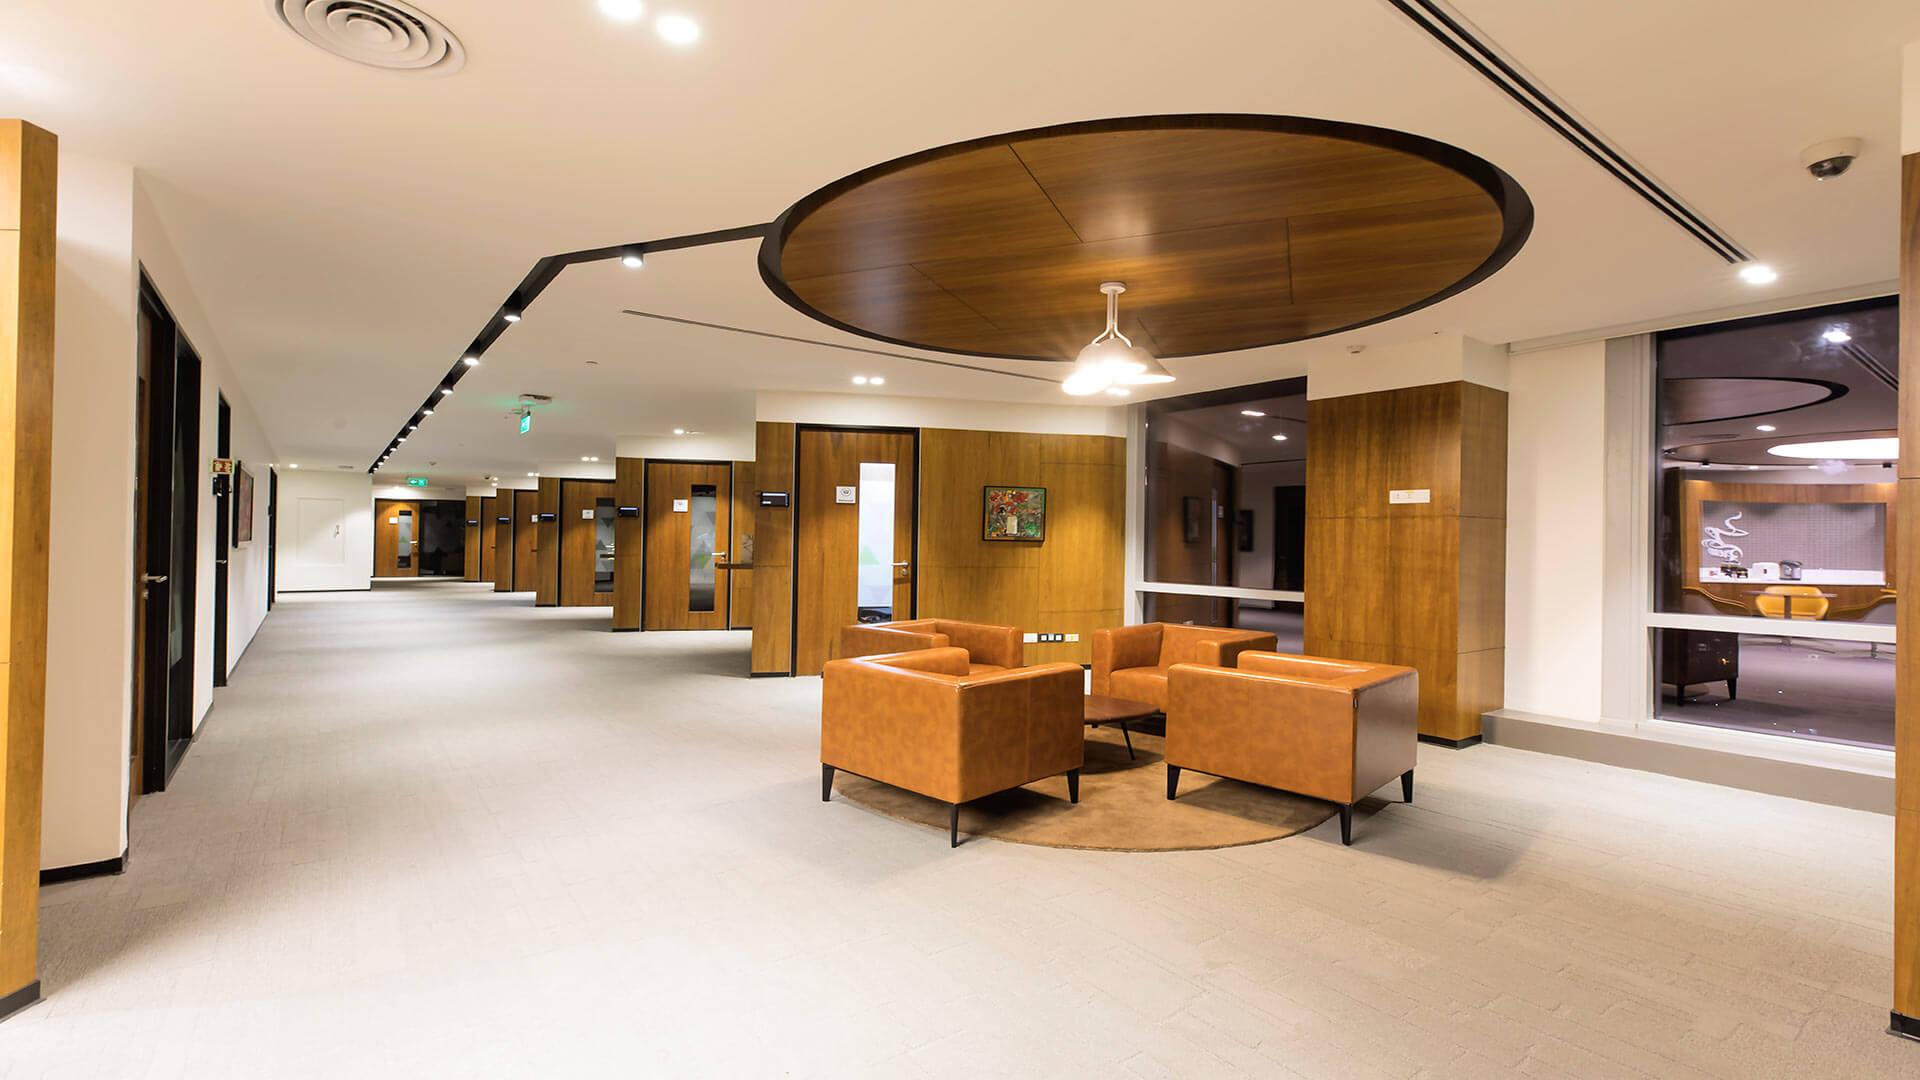 Deloitte_Interiors_05